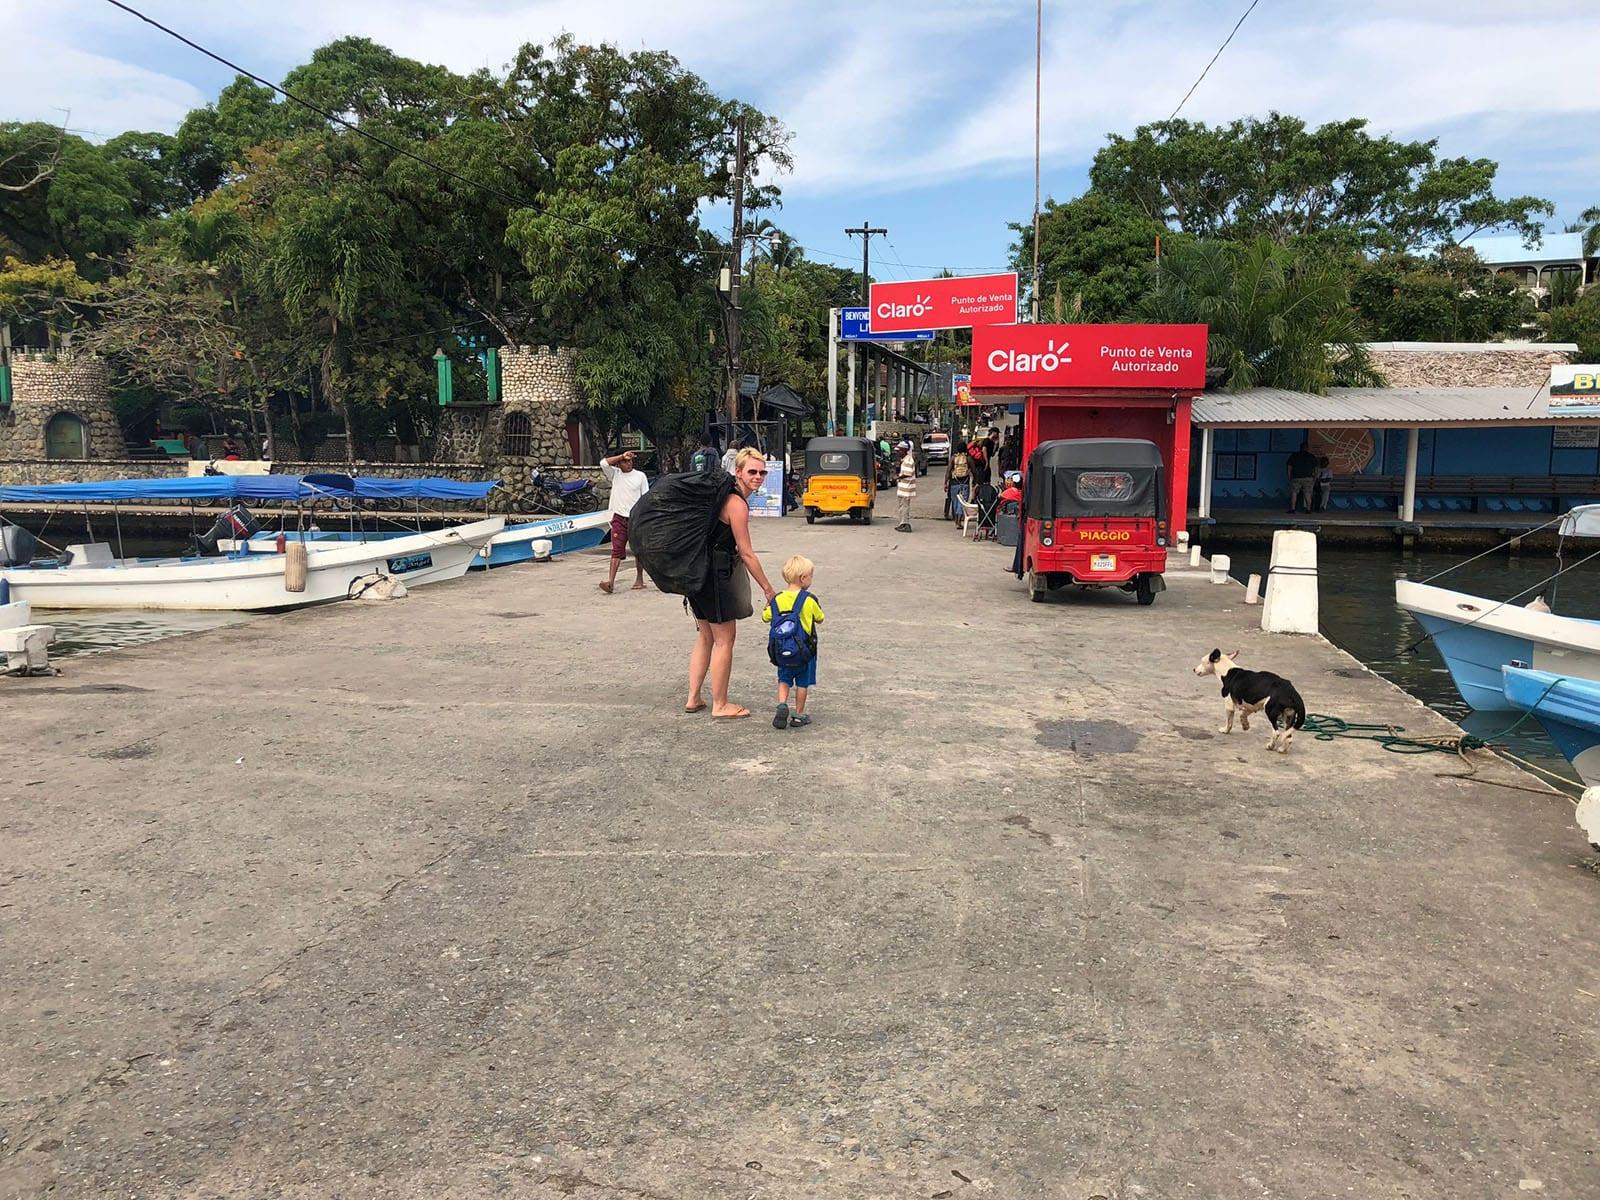 Reisen mit Kindern Tipps vom Profi